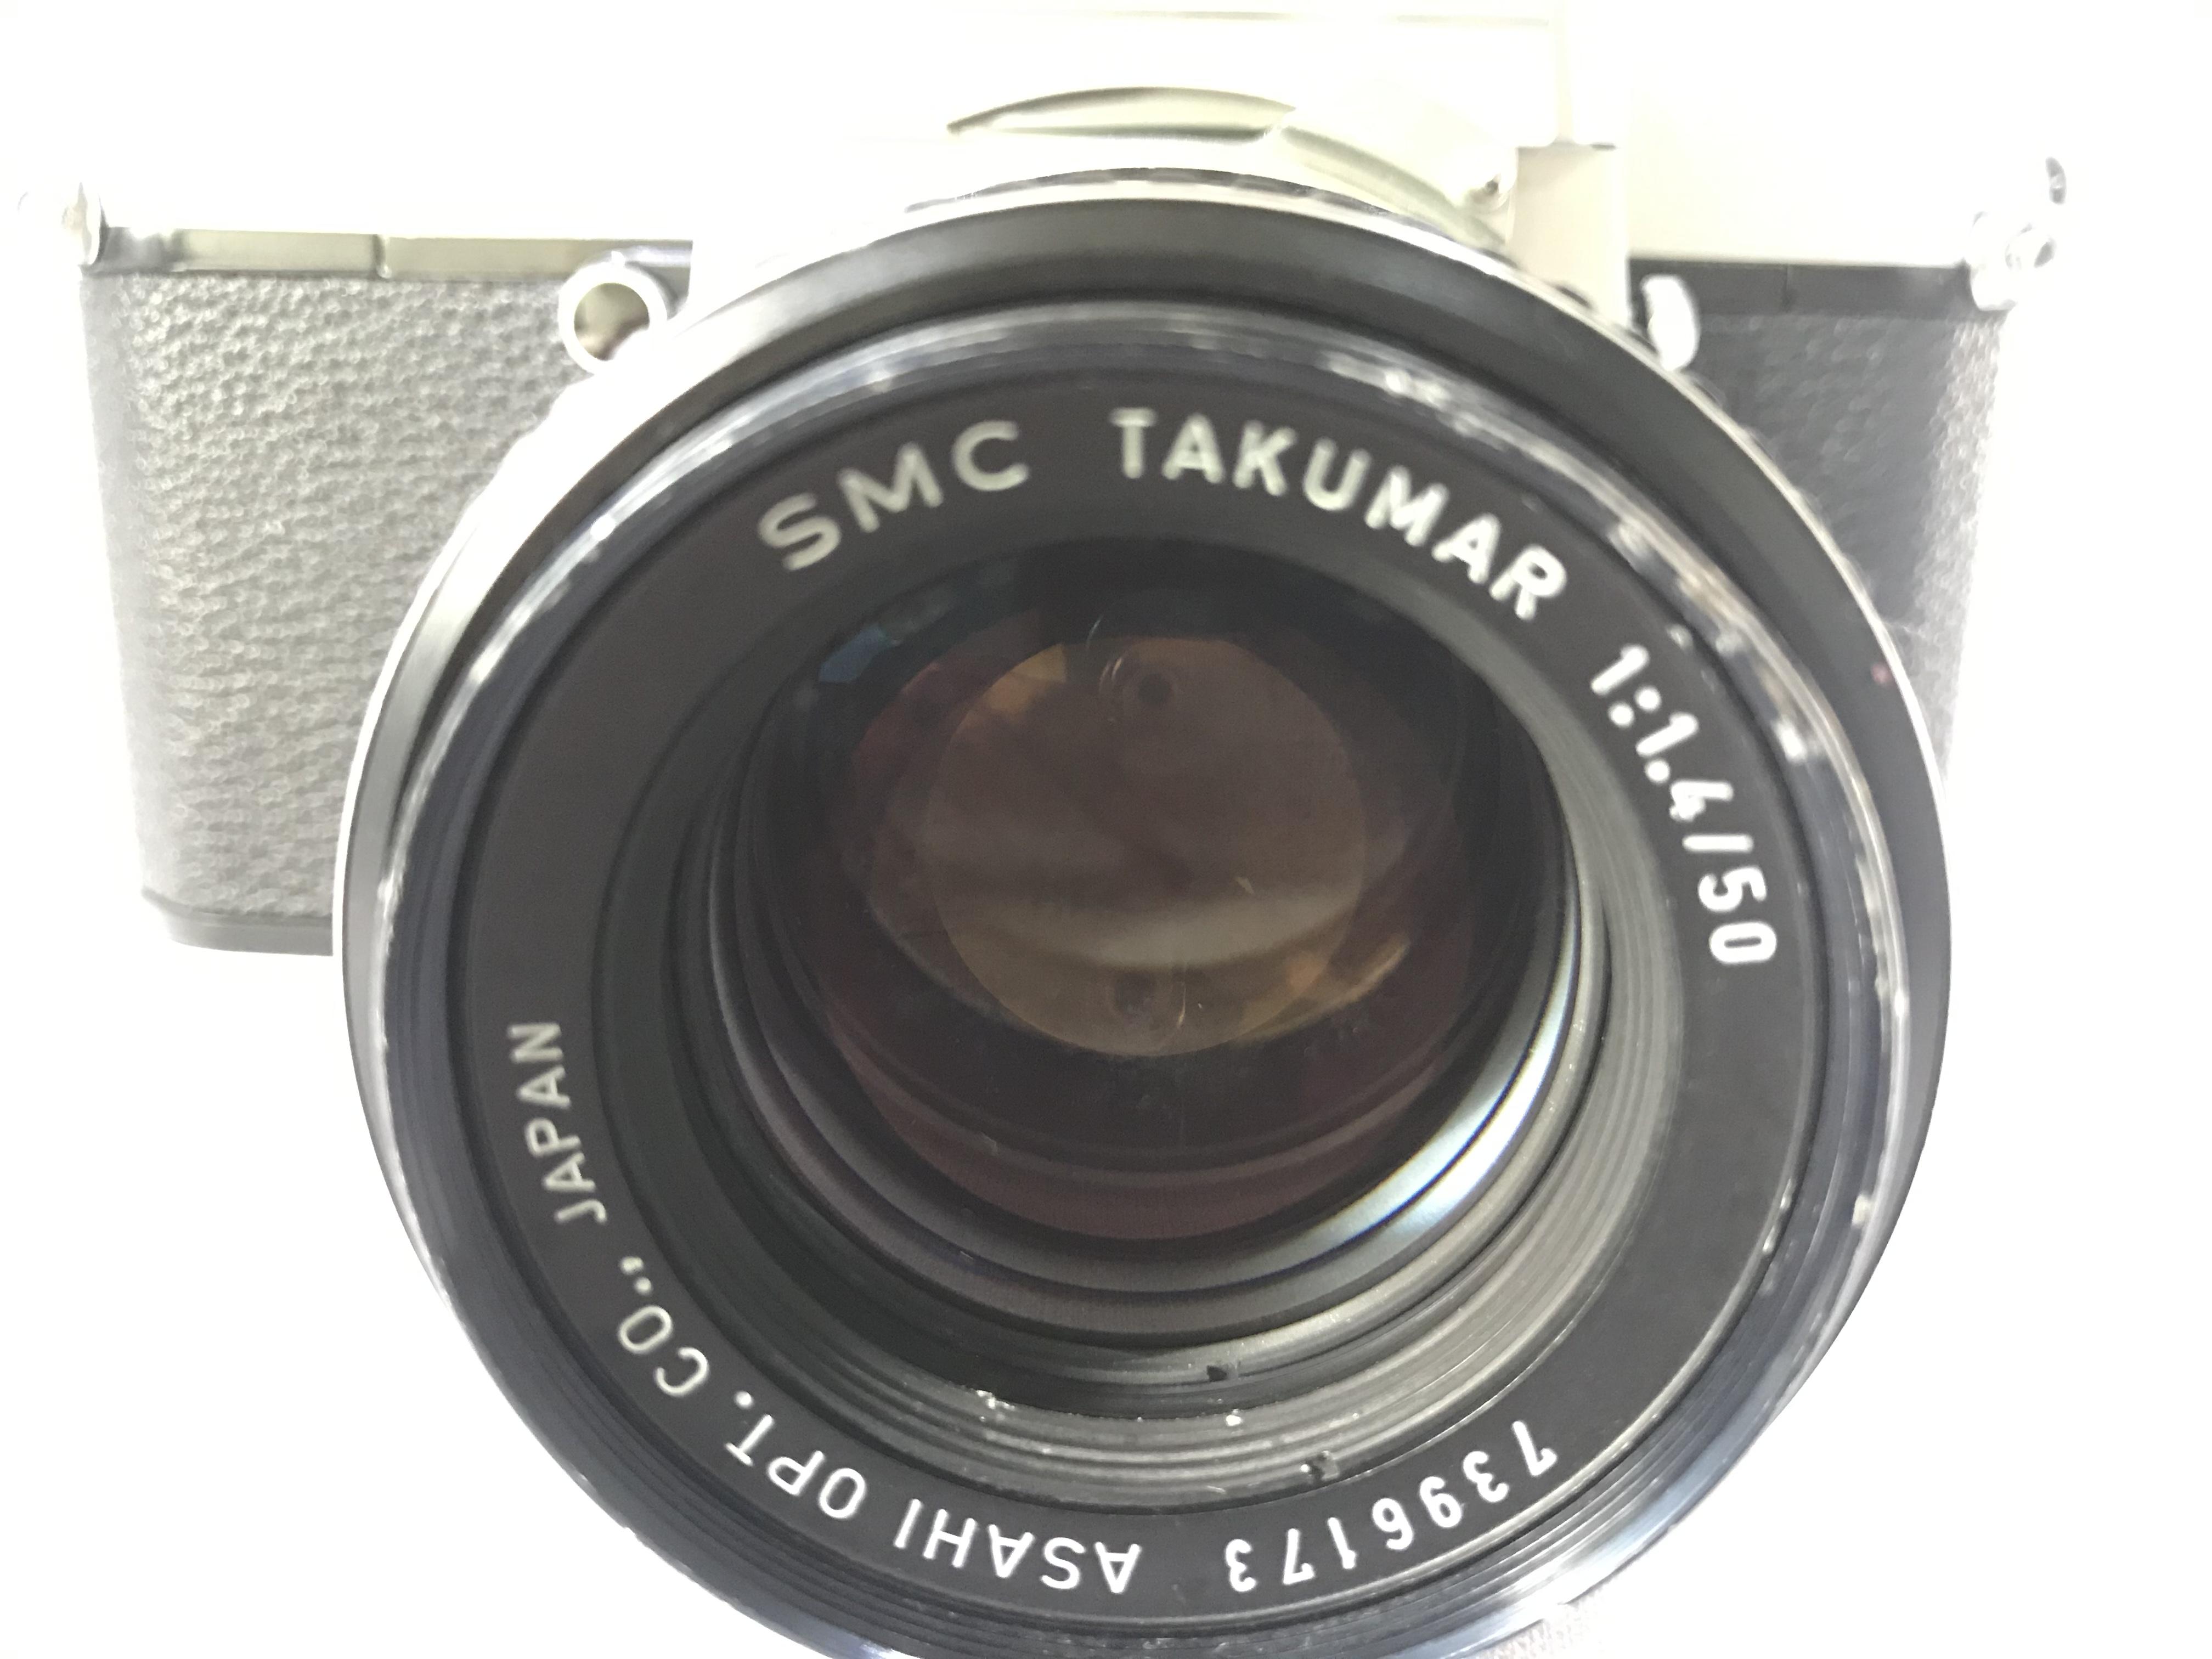 [これはおすすめ!] 海外旅行にカメラを持って行くならどんなものが良い? 〜旅にPENTAXが選ばれる理由〜